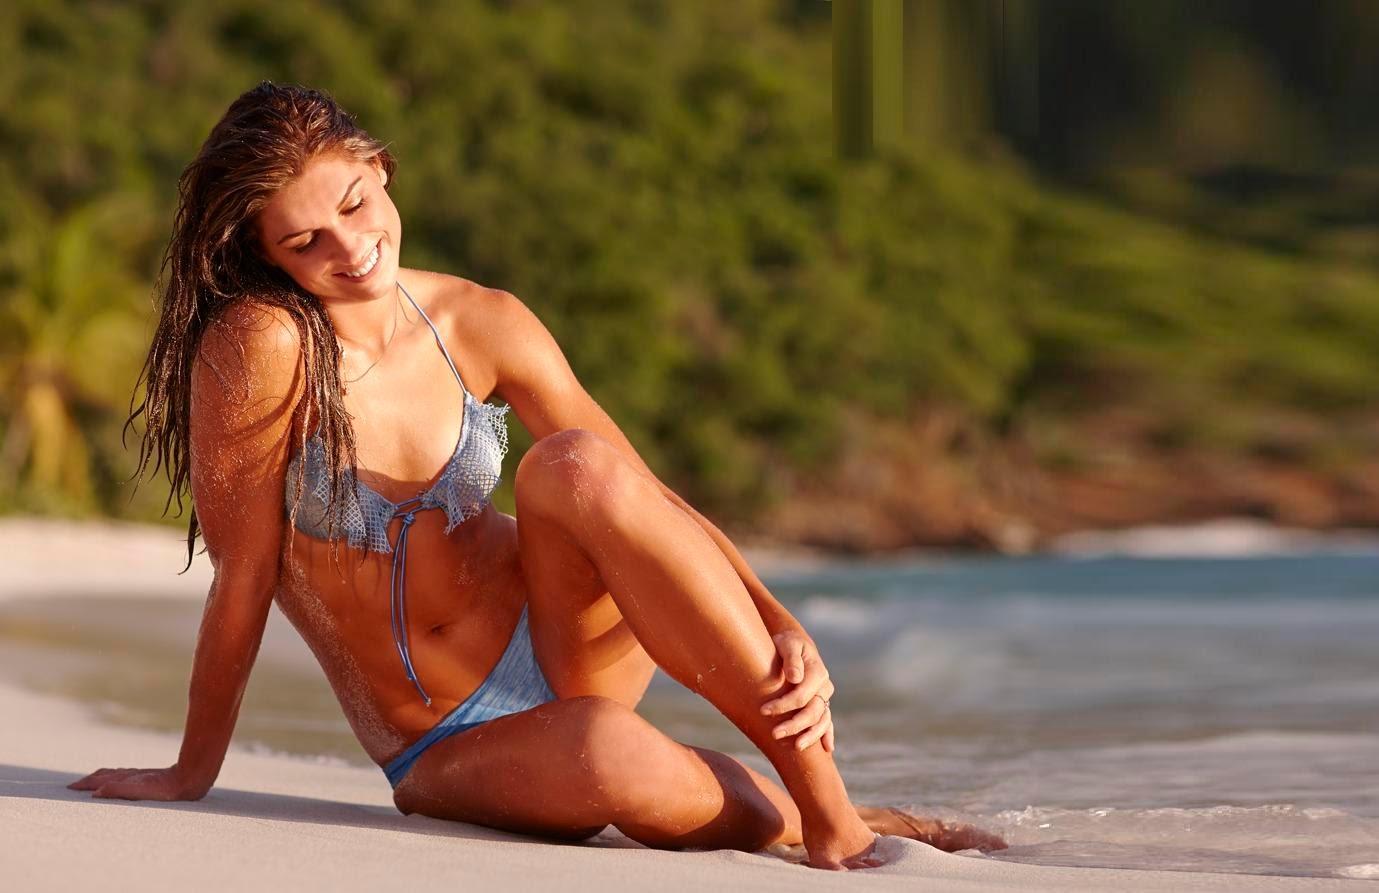 Alex Morgan Bikini Pics